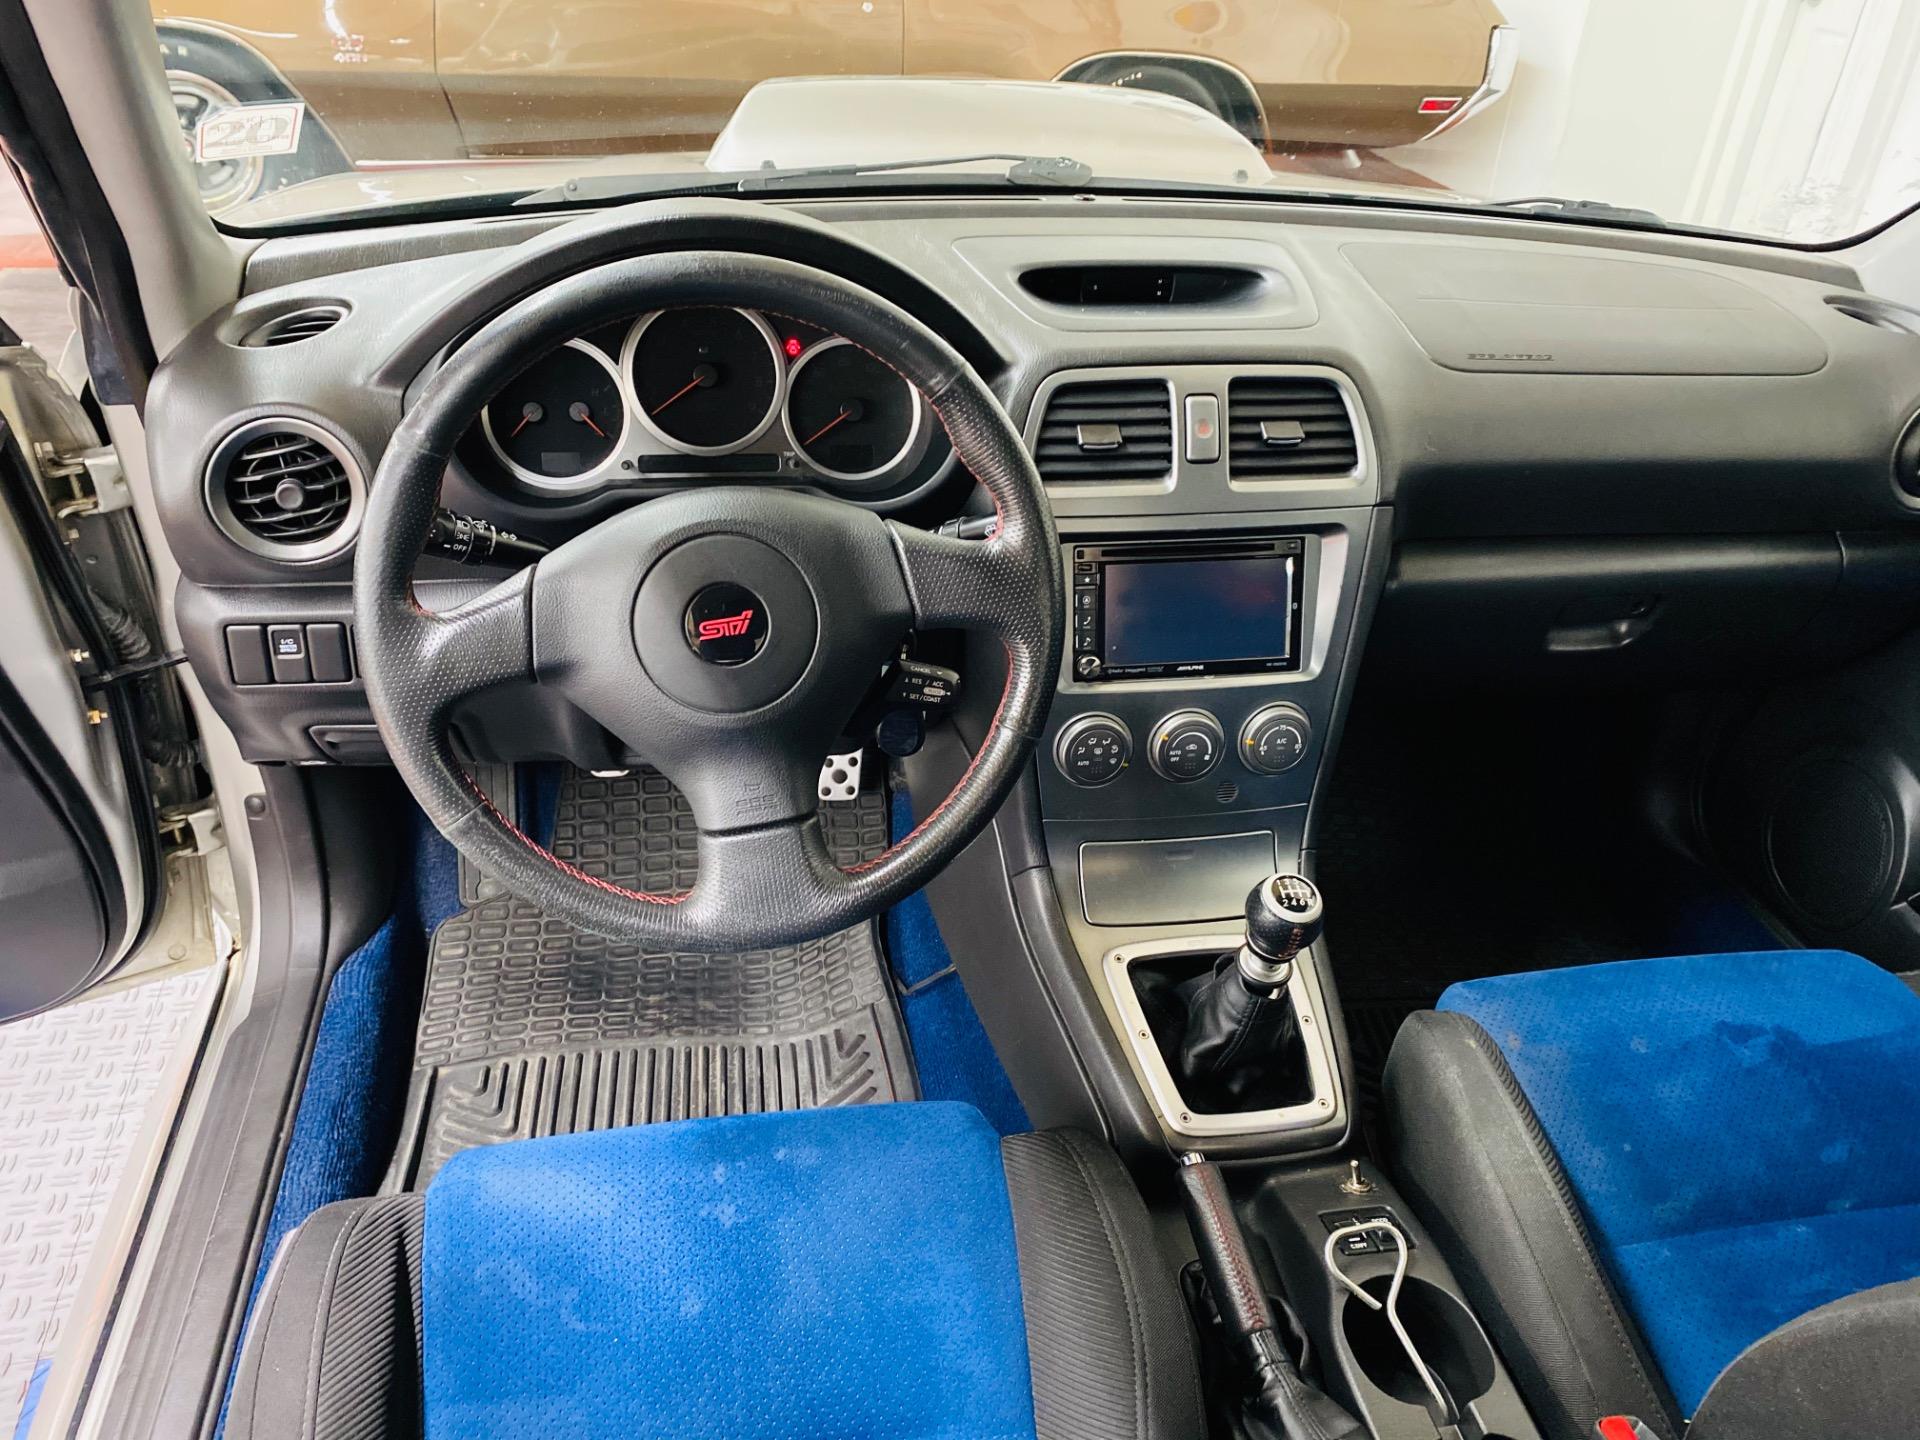 Used 2005 Subaru Impreza WRX STI - SEE VIDEO | Mundelein, IL